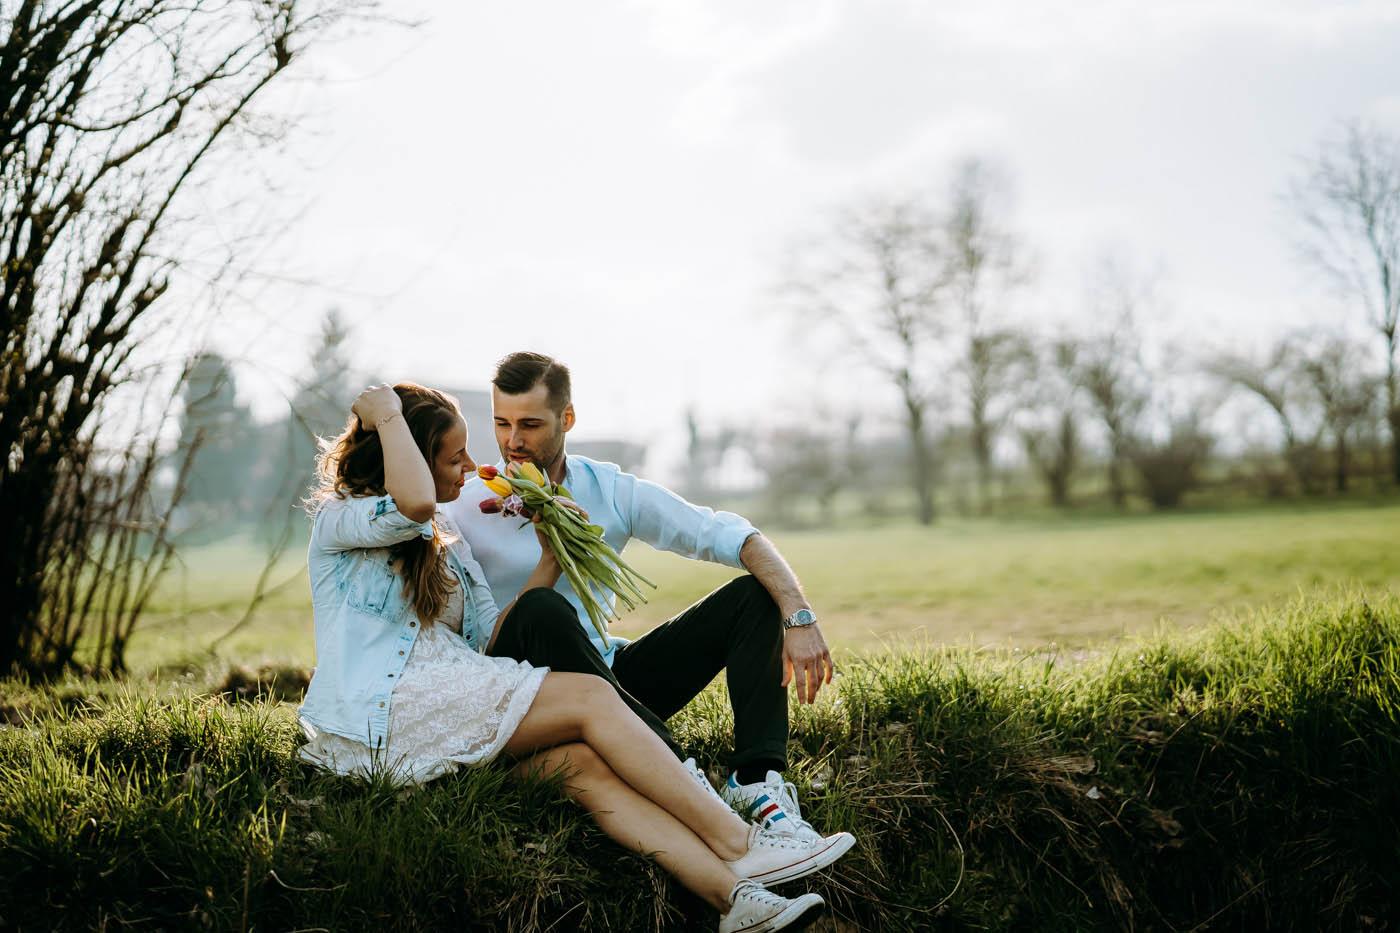 Shooting di Coppia – Romantico Tramonto di Primavera in Toscana